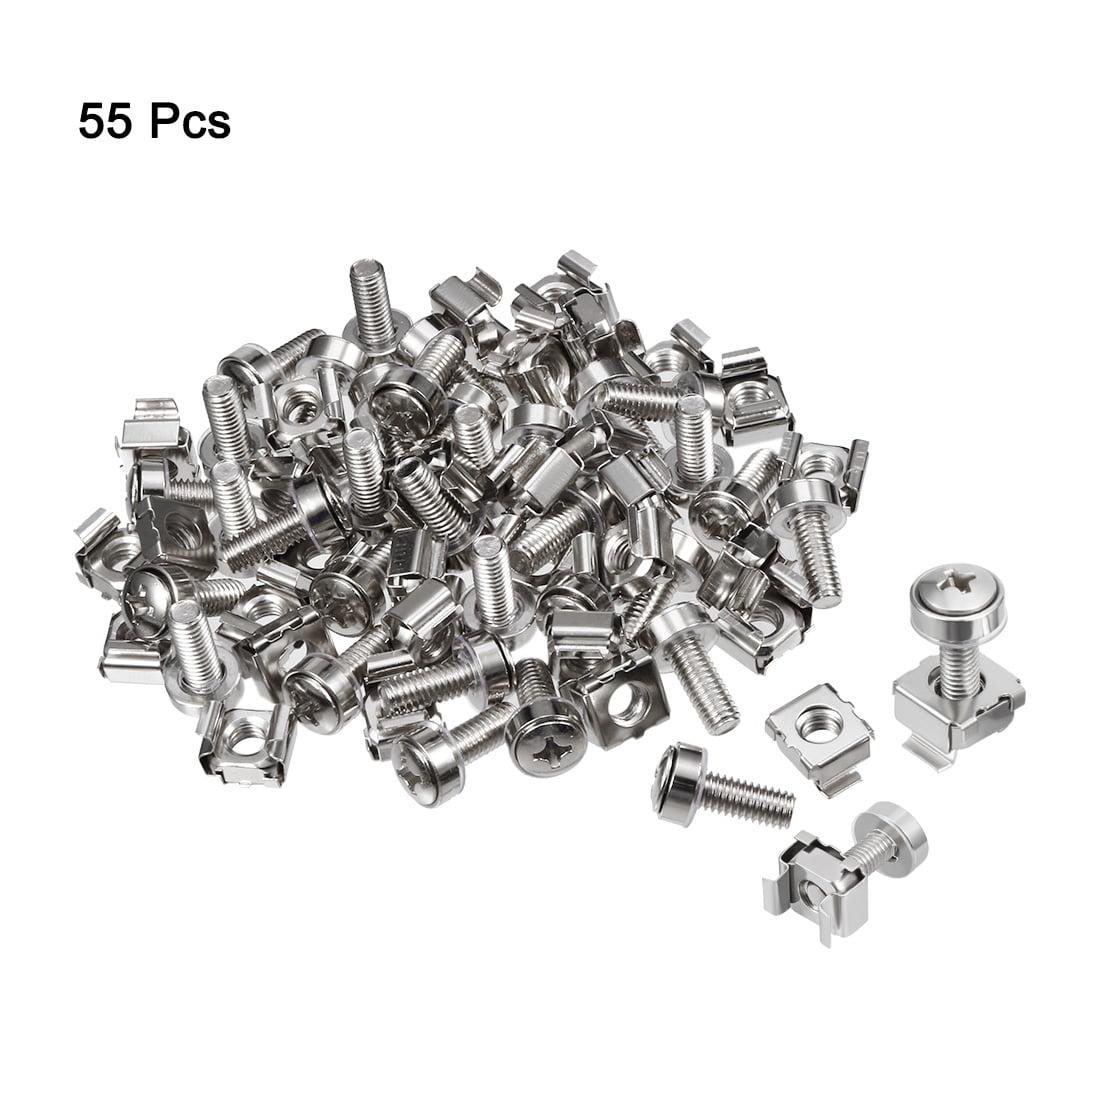 Unique Bargains 55pcs M5x20mm Carbon Steel Screws and Cage Nuts for Server Rack Cabinet - image 2 de 4